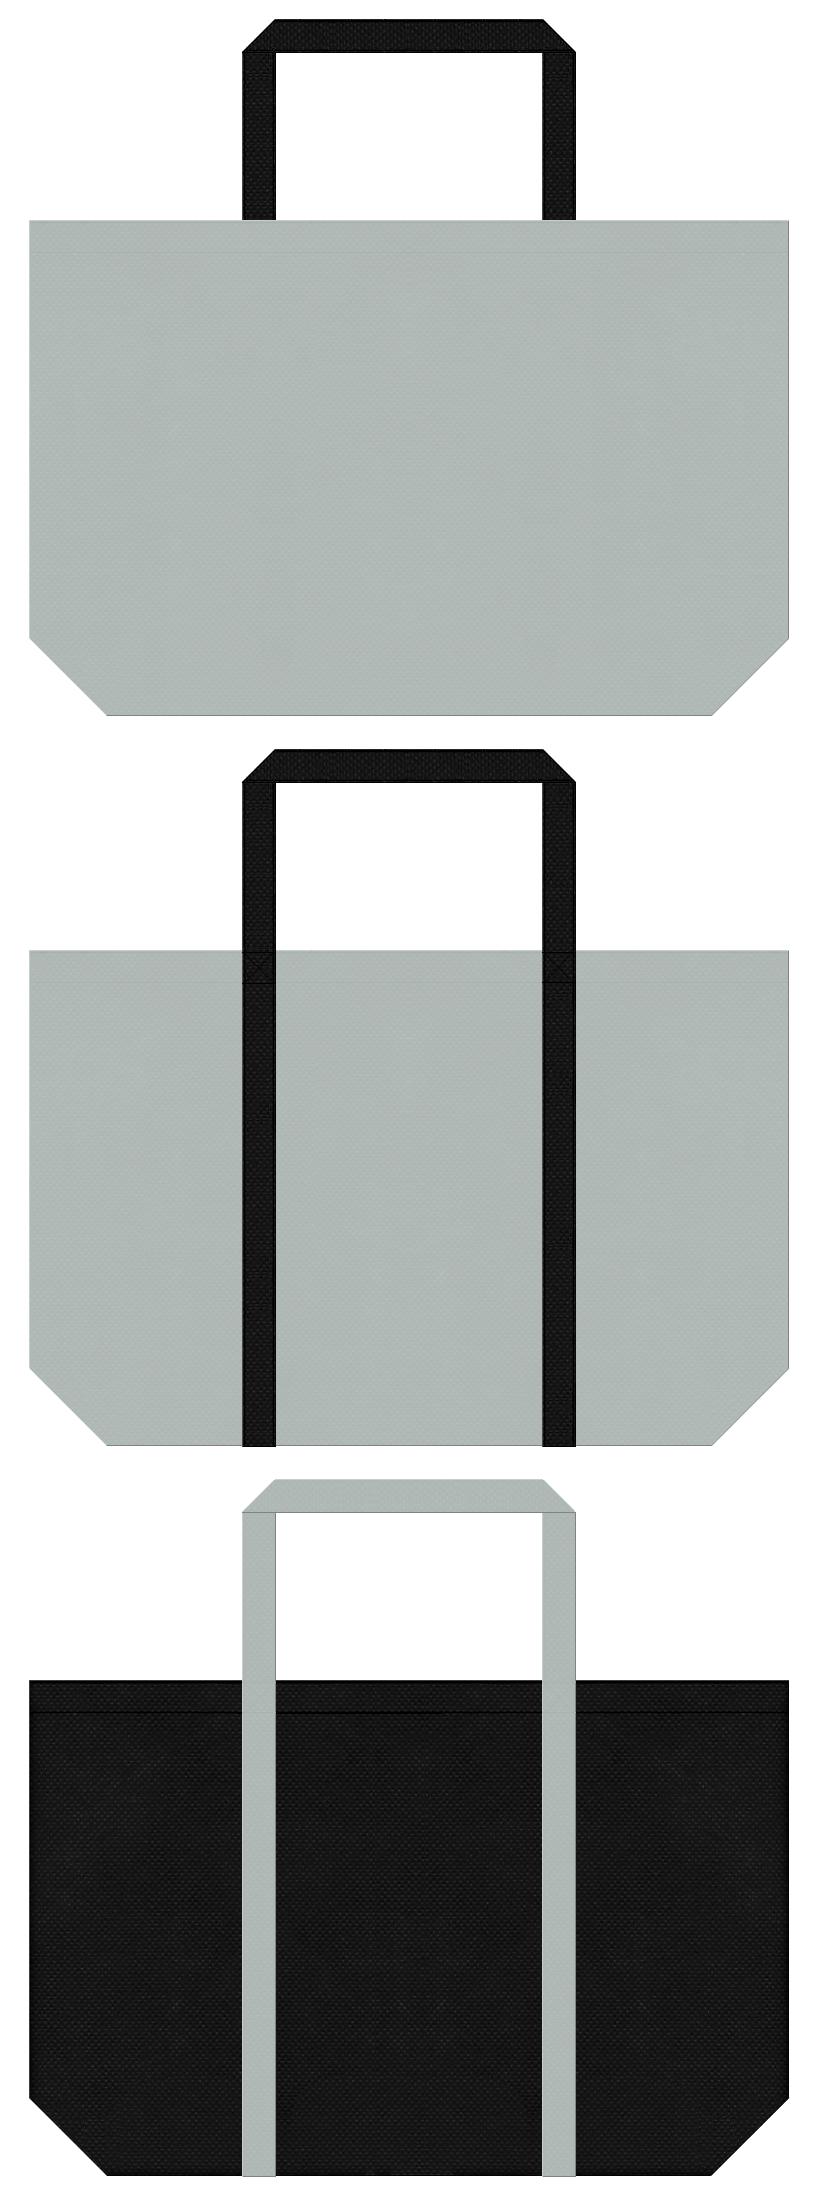 グレー色と黒色の不織布エコバッグのデザイン。タイヤ・ホイール・カー用品のイメージにお奨めの配色です。